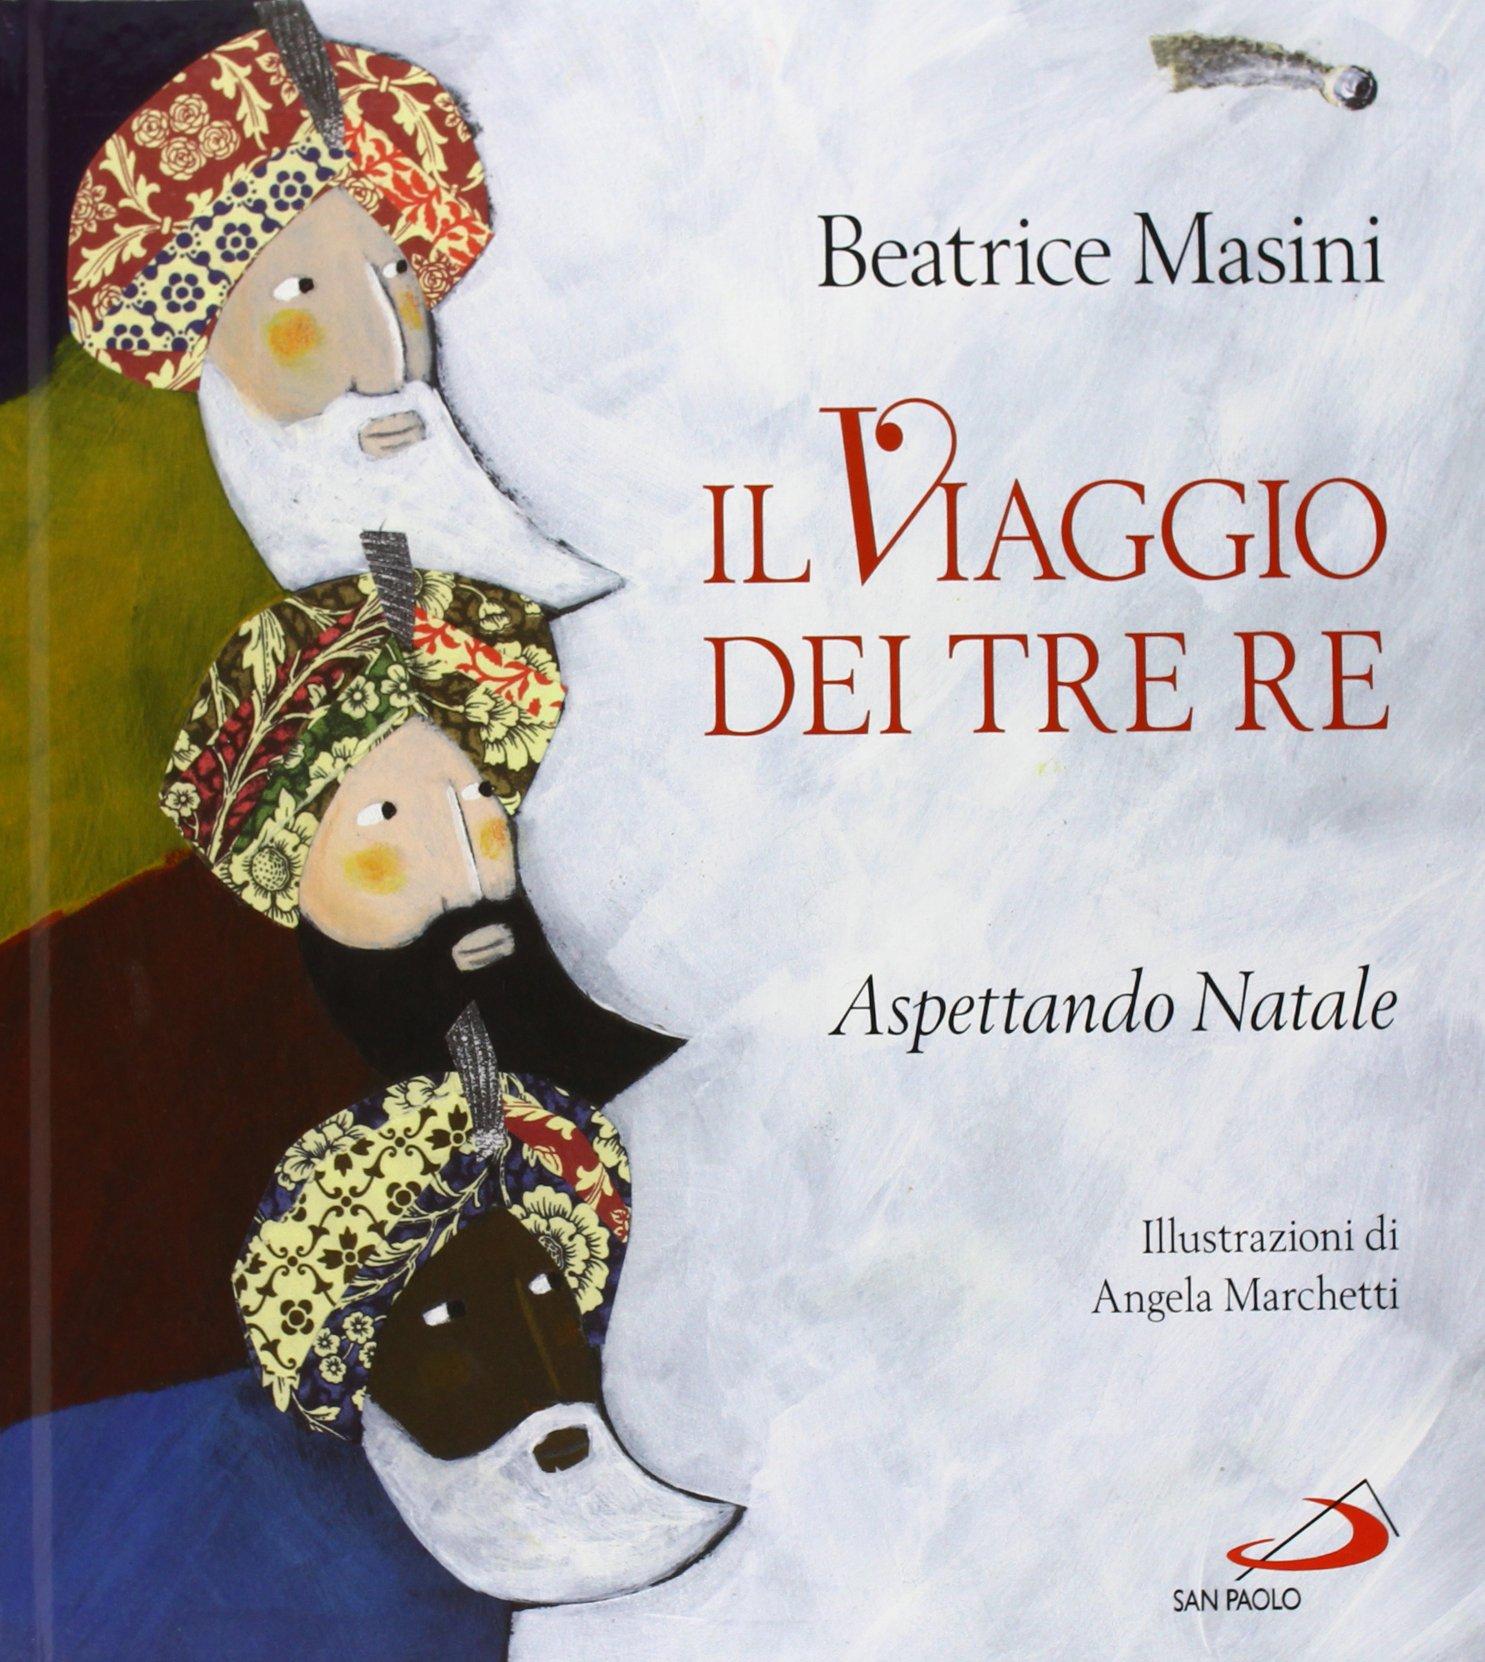 Il viaggio dei tre re. Aspettando Natale Copertina rigida – 1 ott 2013 Beatrice Masini Angela Marchetti San Paolo Edizioni 8821590232